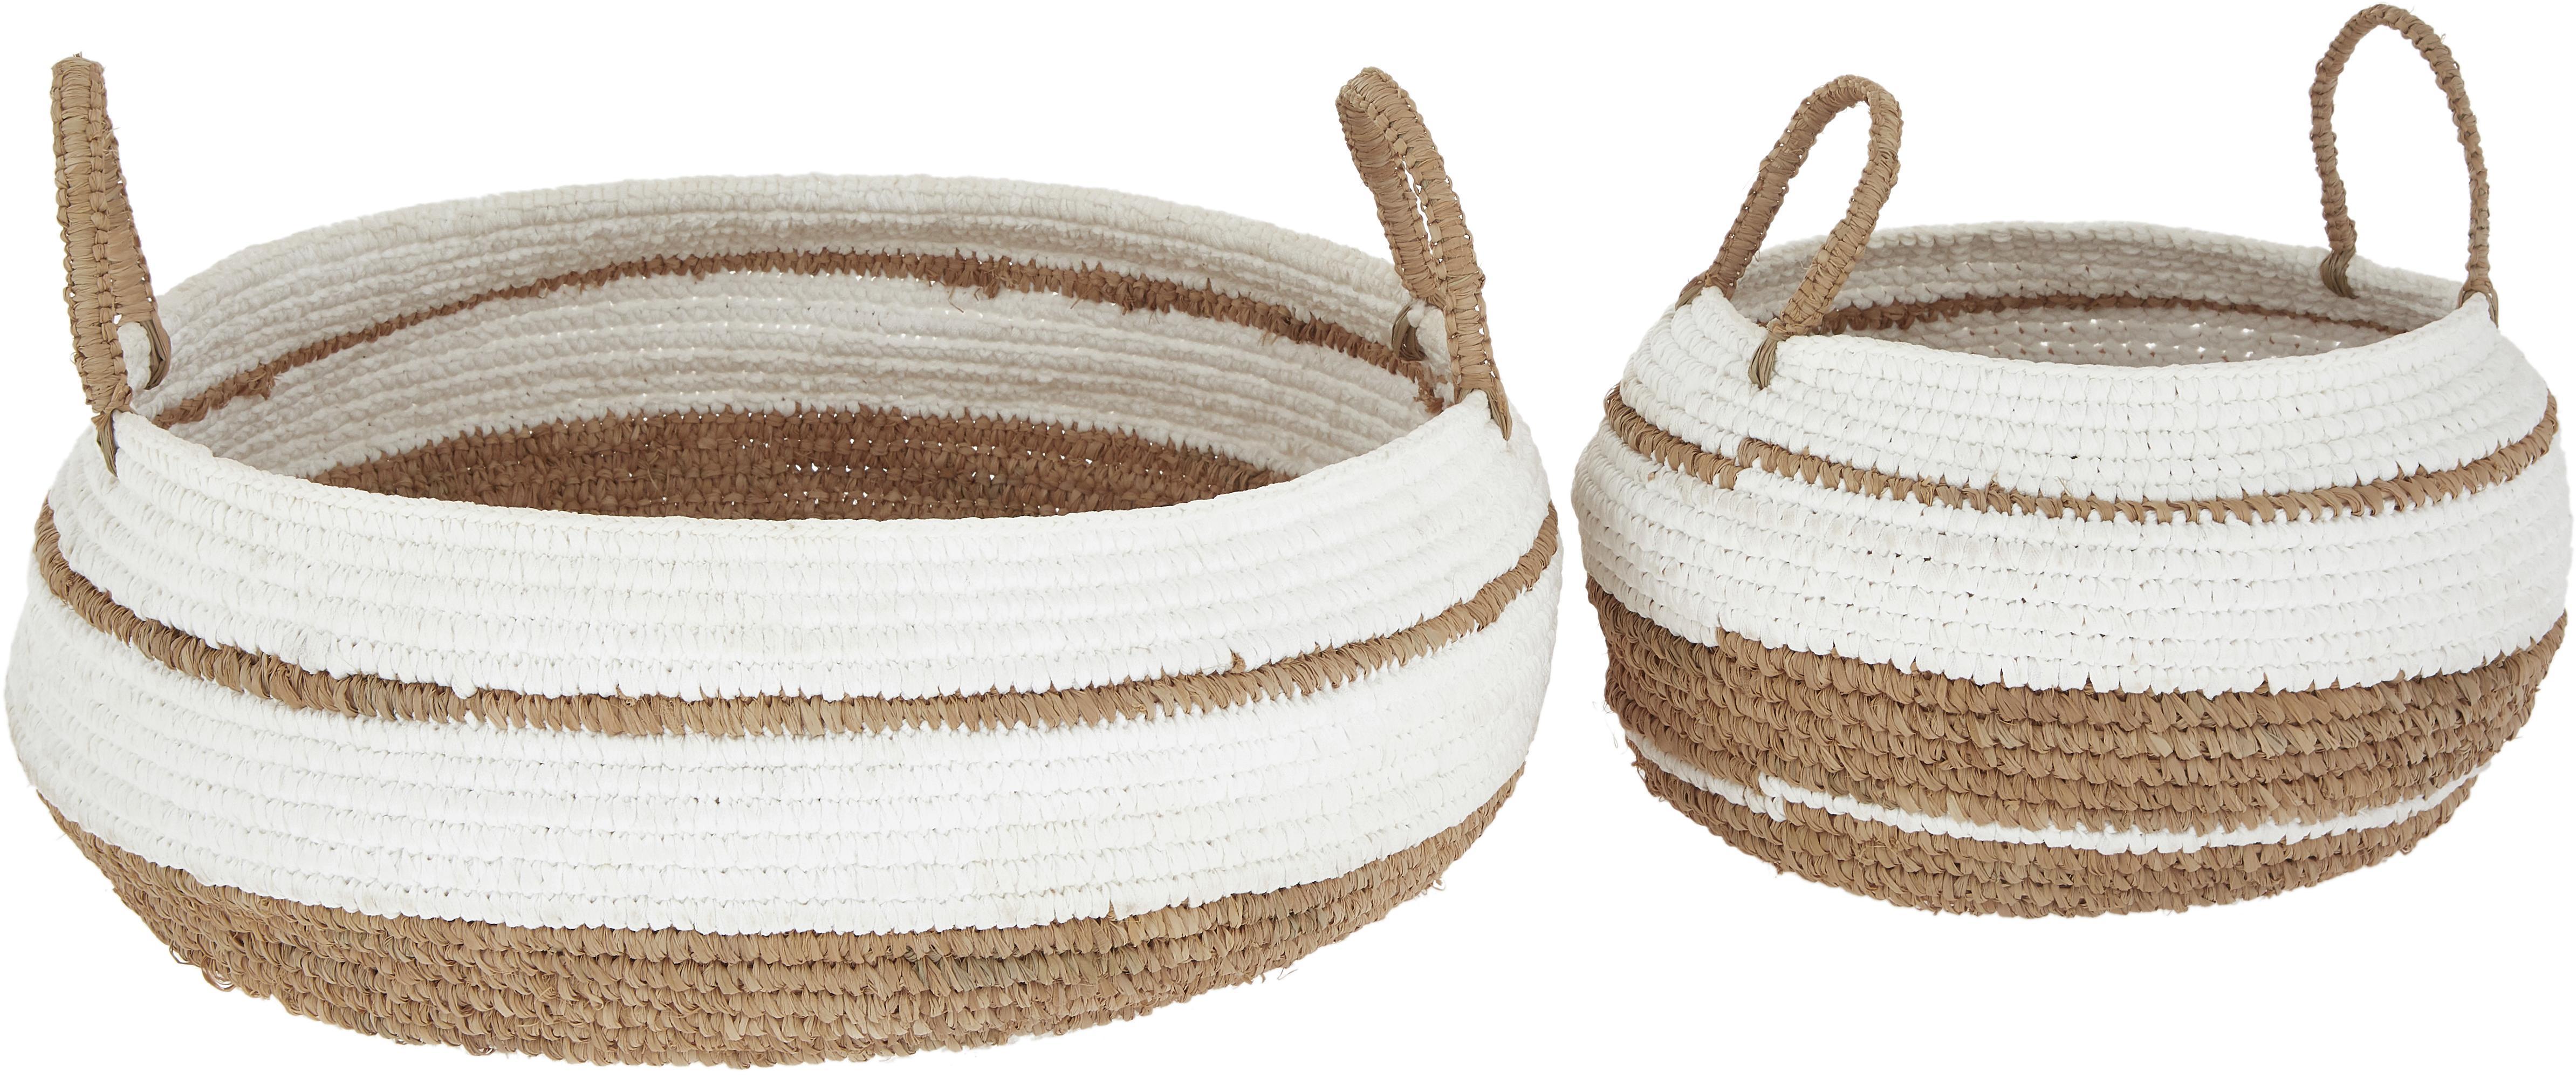 Set de cestas Ibiza, 2pzas., Cuerda de rafia, Marrón, blanco, Set de diferentes tamaños